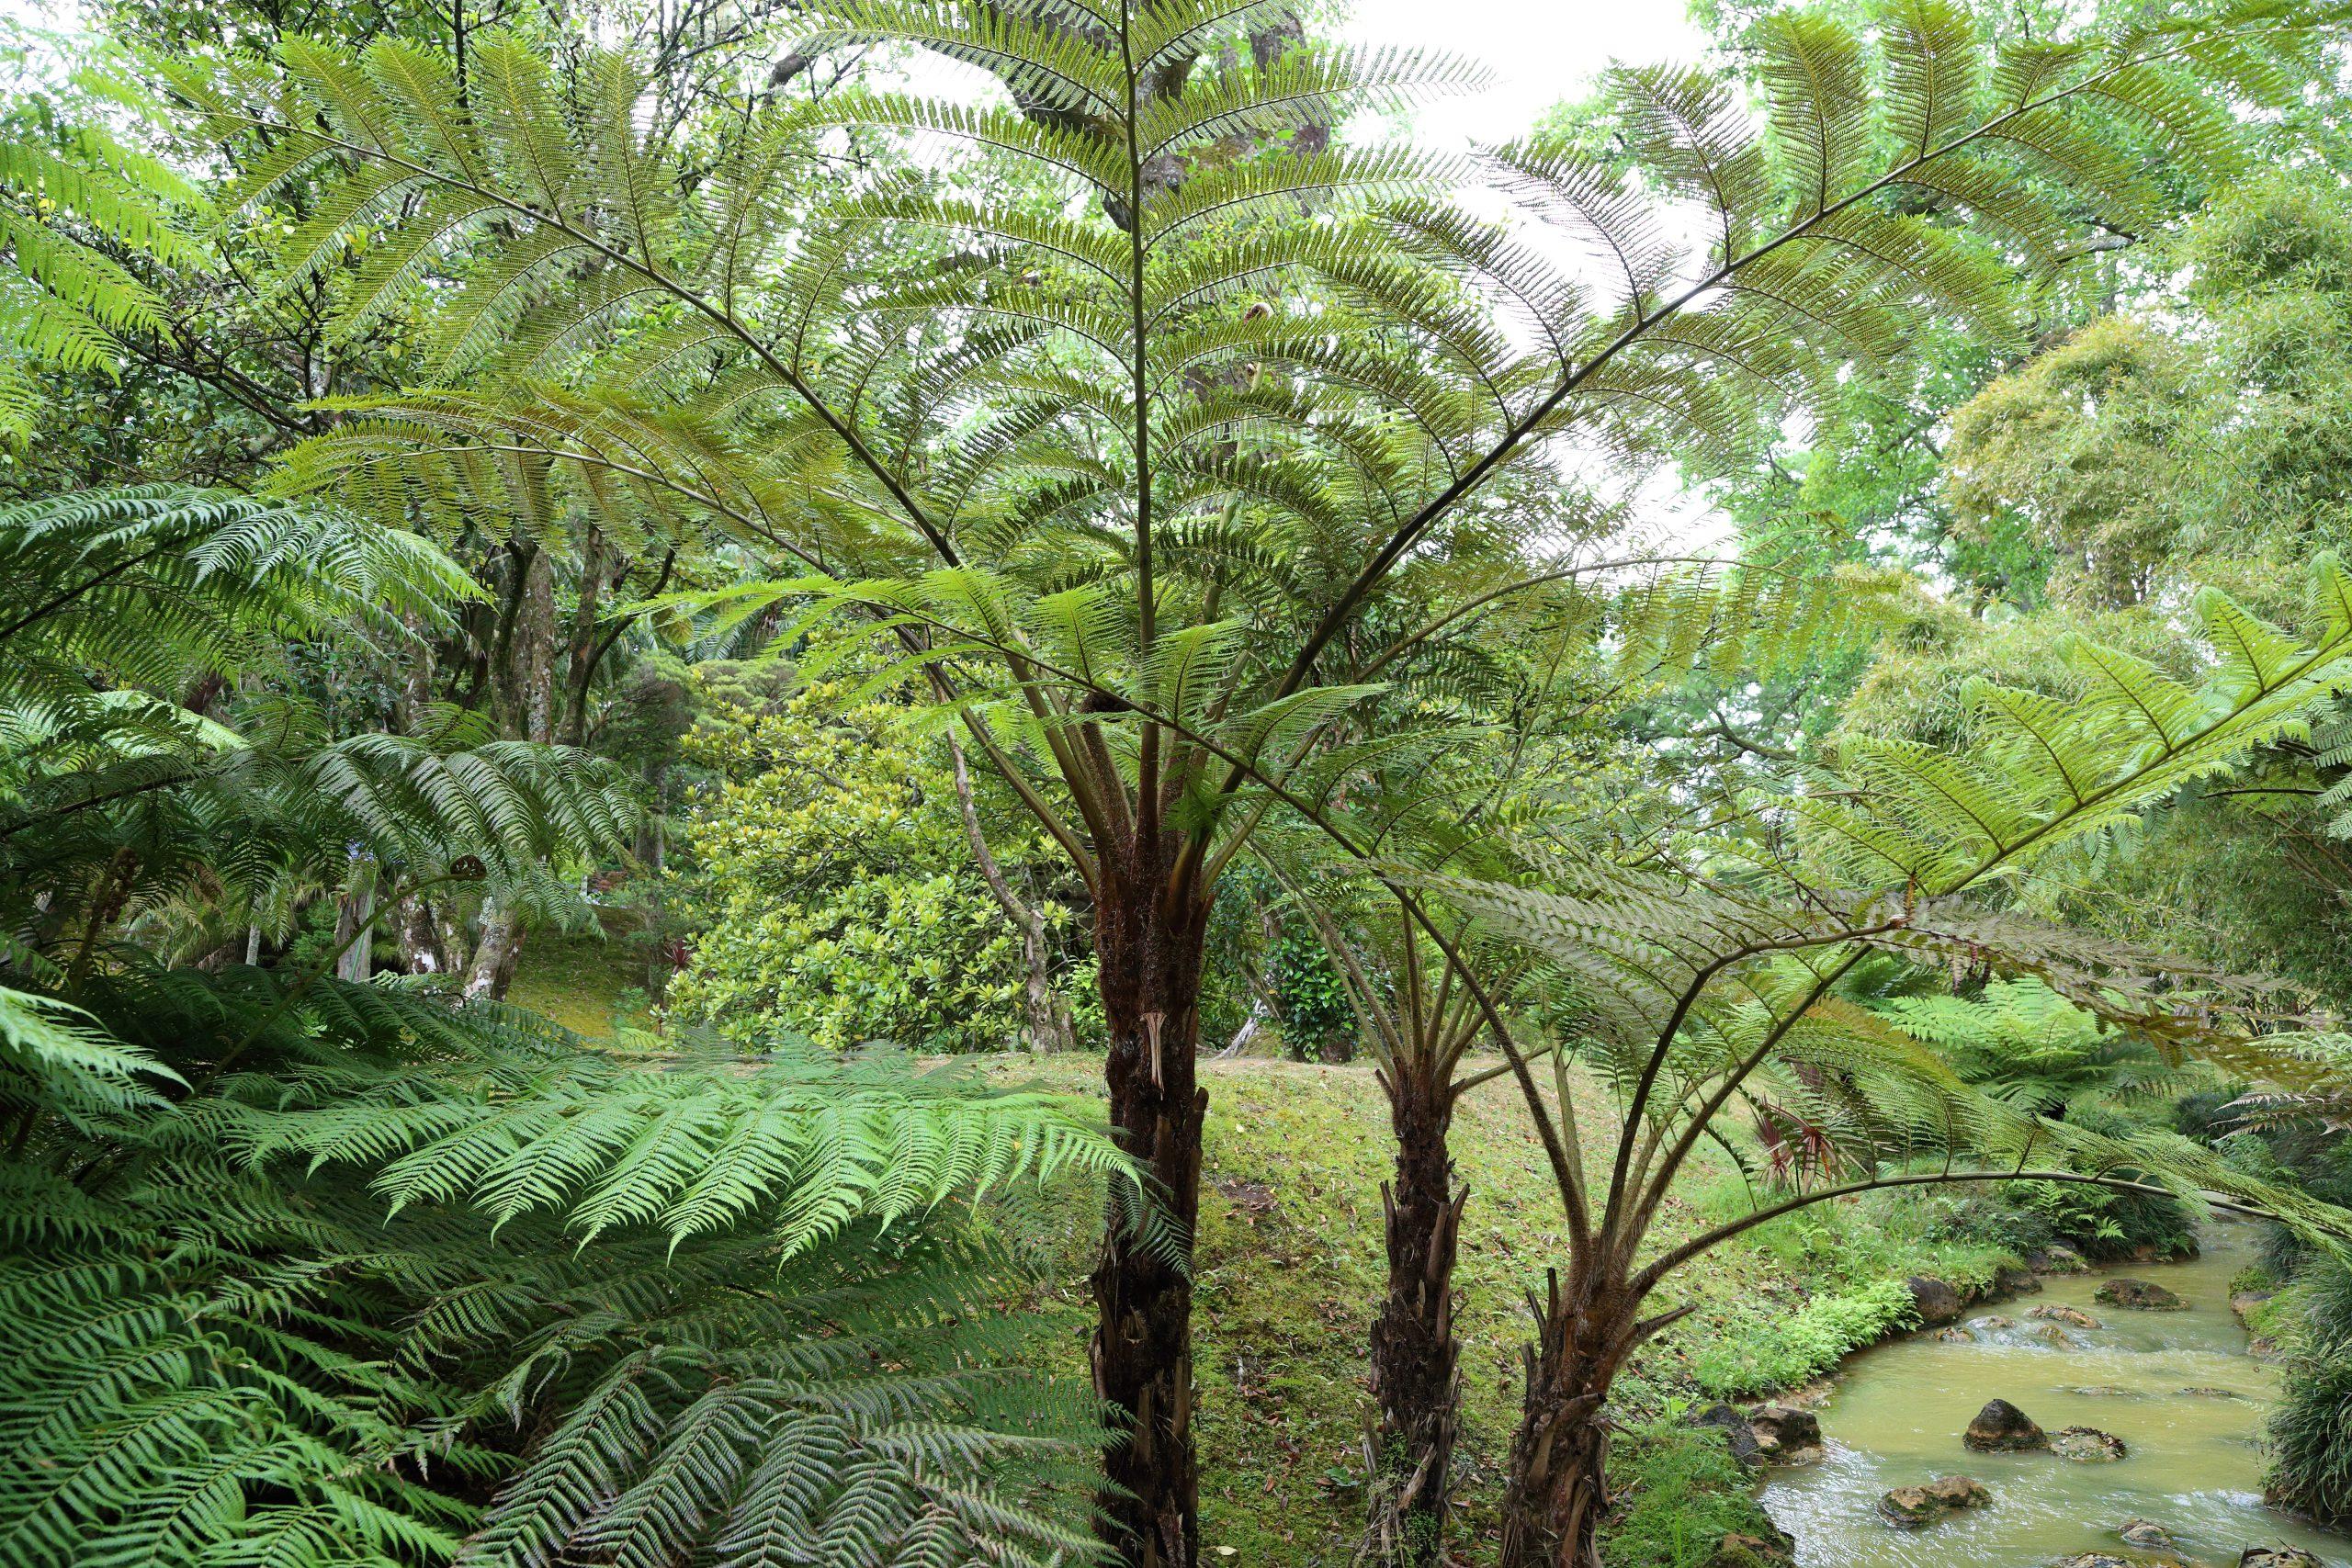 Cyathea sp. Un helecho arborescente con unas hojas enormes.